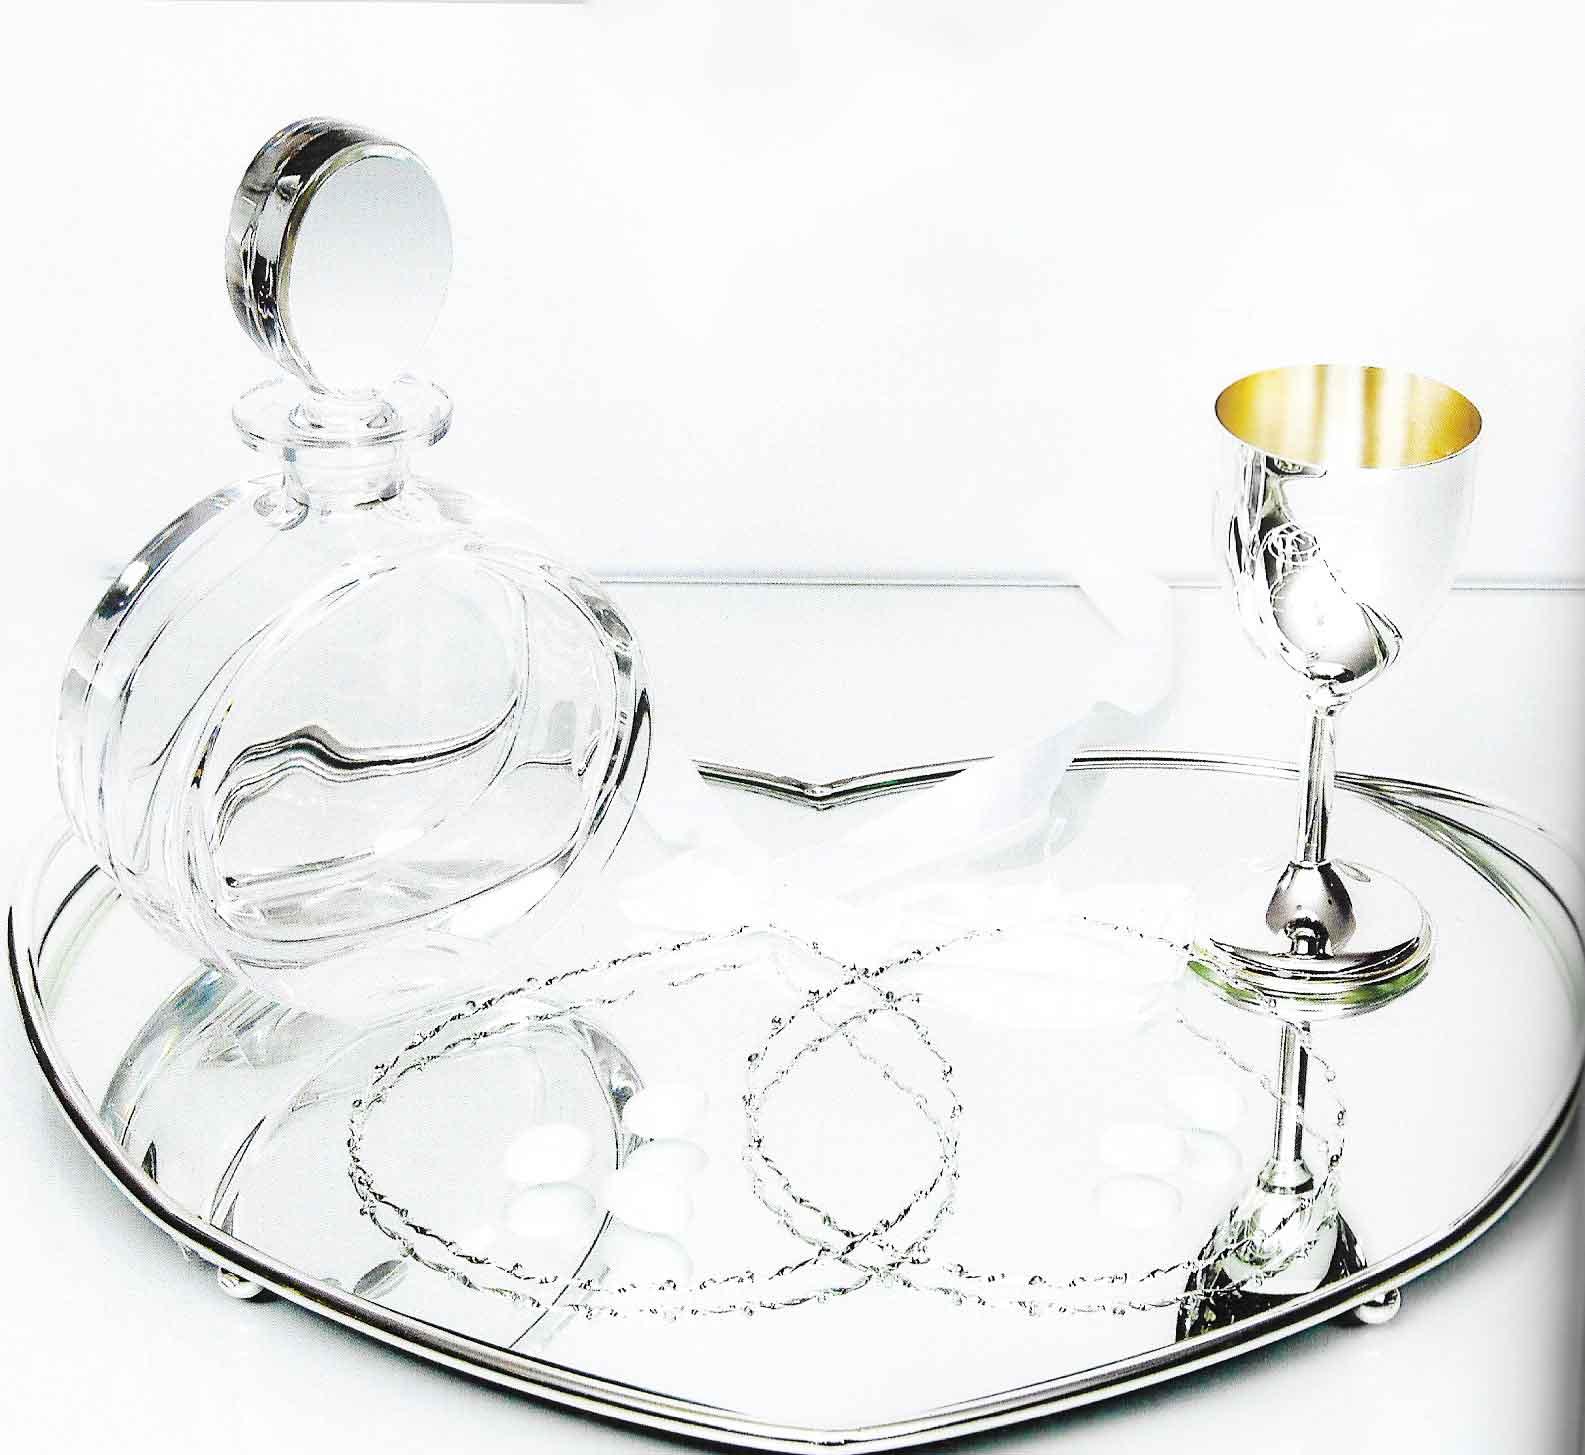 Δίσκος καρδιά με καθρέπτη σχήμα καρδίας με καράφα και ποτήρι